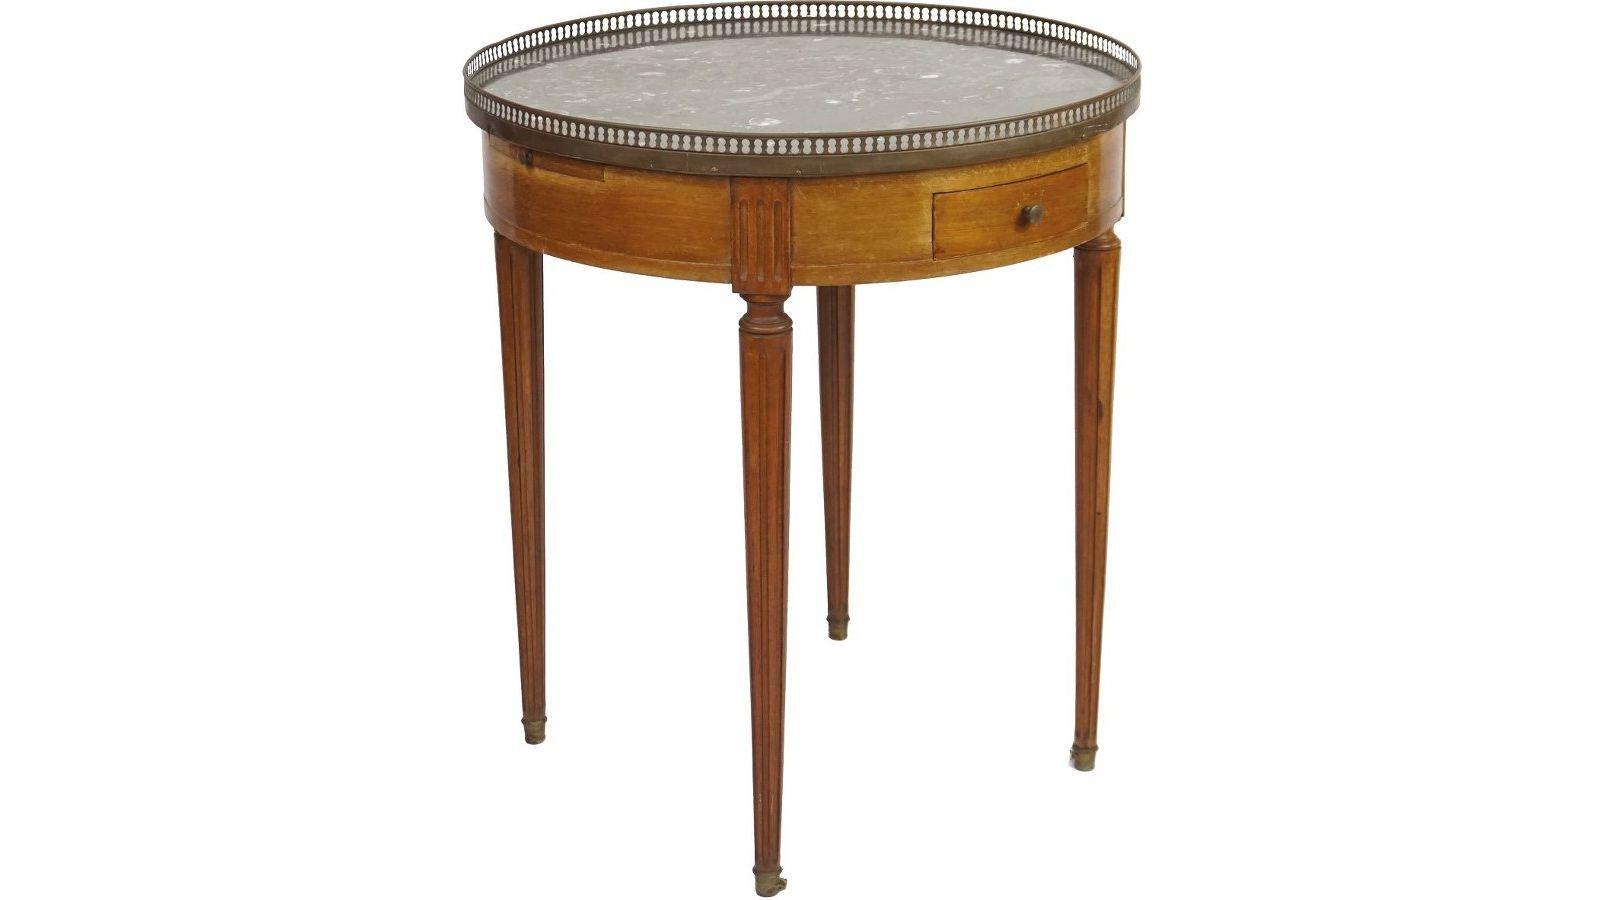 Table bouillotte  en acajou et placage d'acajou.